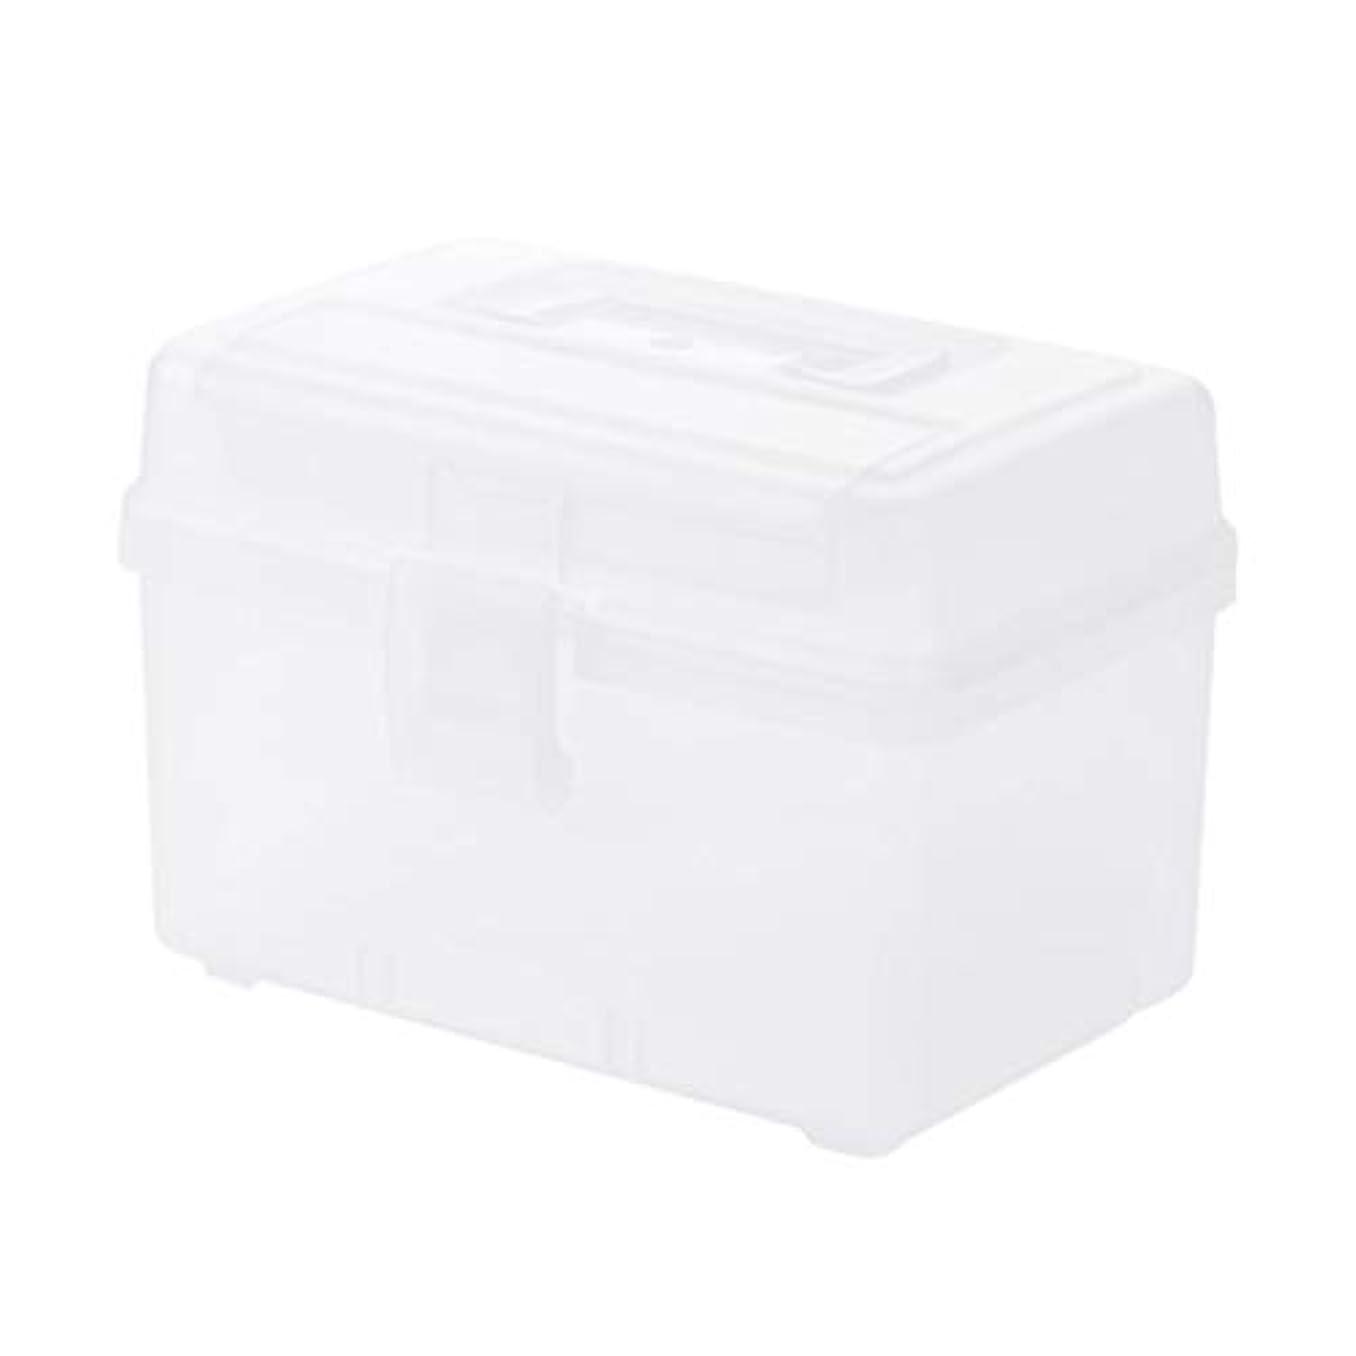 ピルボックスPP 25.7 * 16.3 * 18 cm家庭用薬ボックス薬収納ボックス (色 : トランスペアレント)